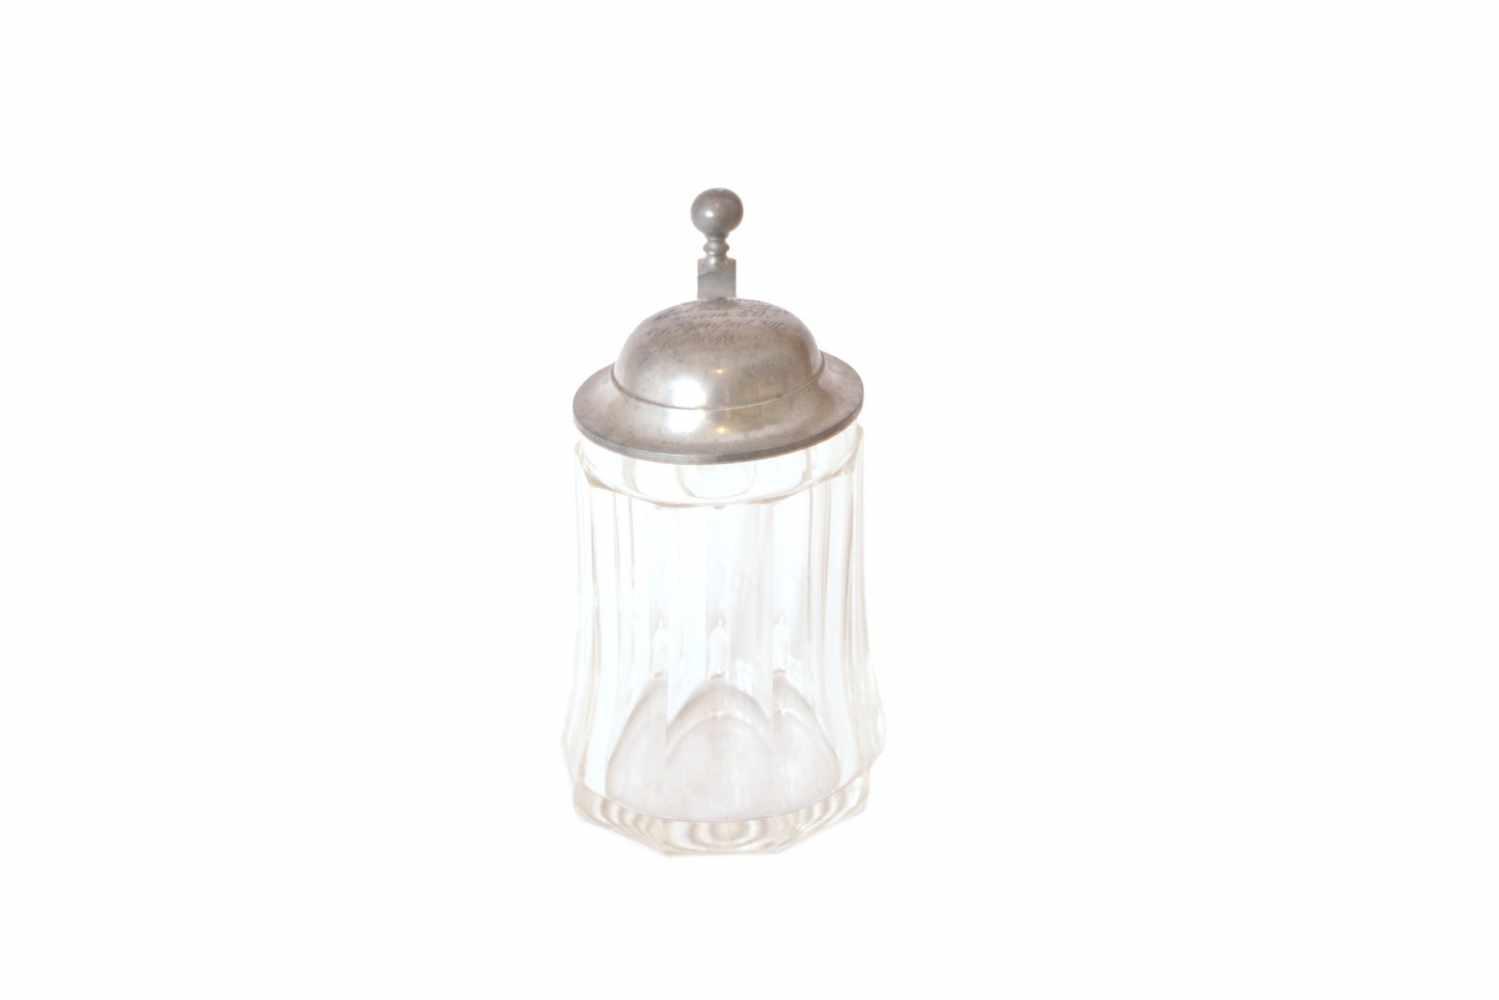 BIERKRUG MIT ZINNDECKEL Glas, farblos, gewölbte, facettierte Wandung, Höhe 15 cm, wohl Böhmen um